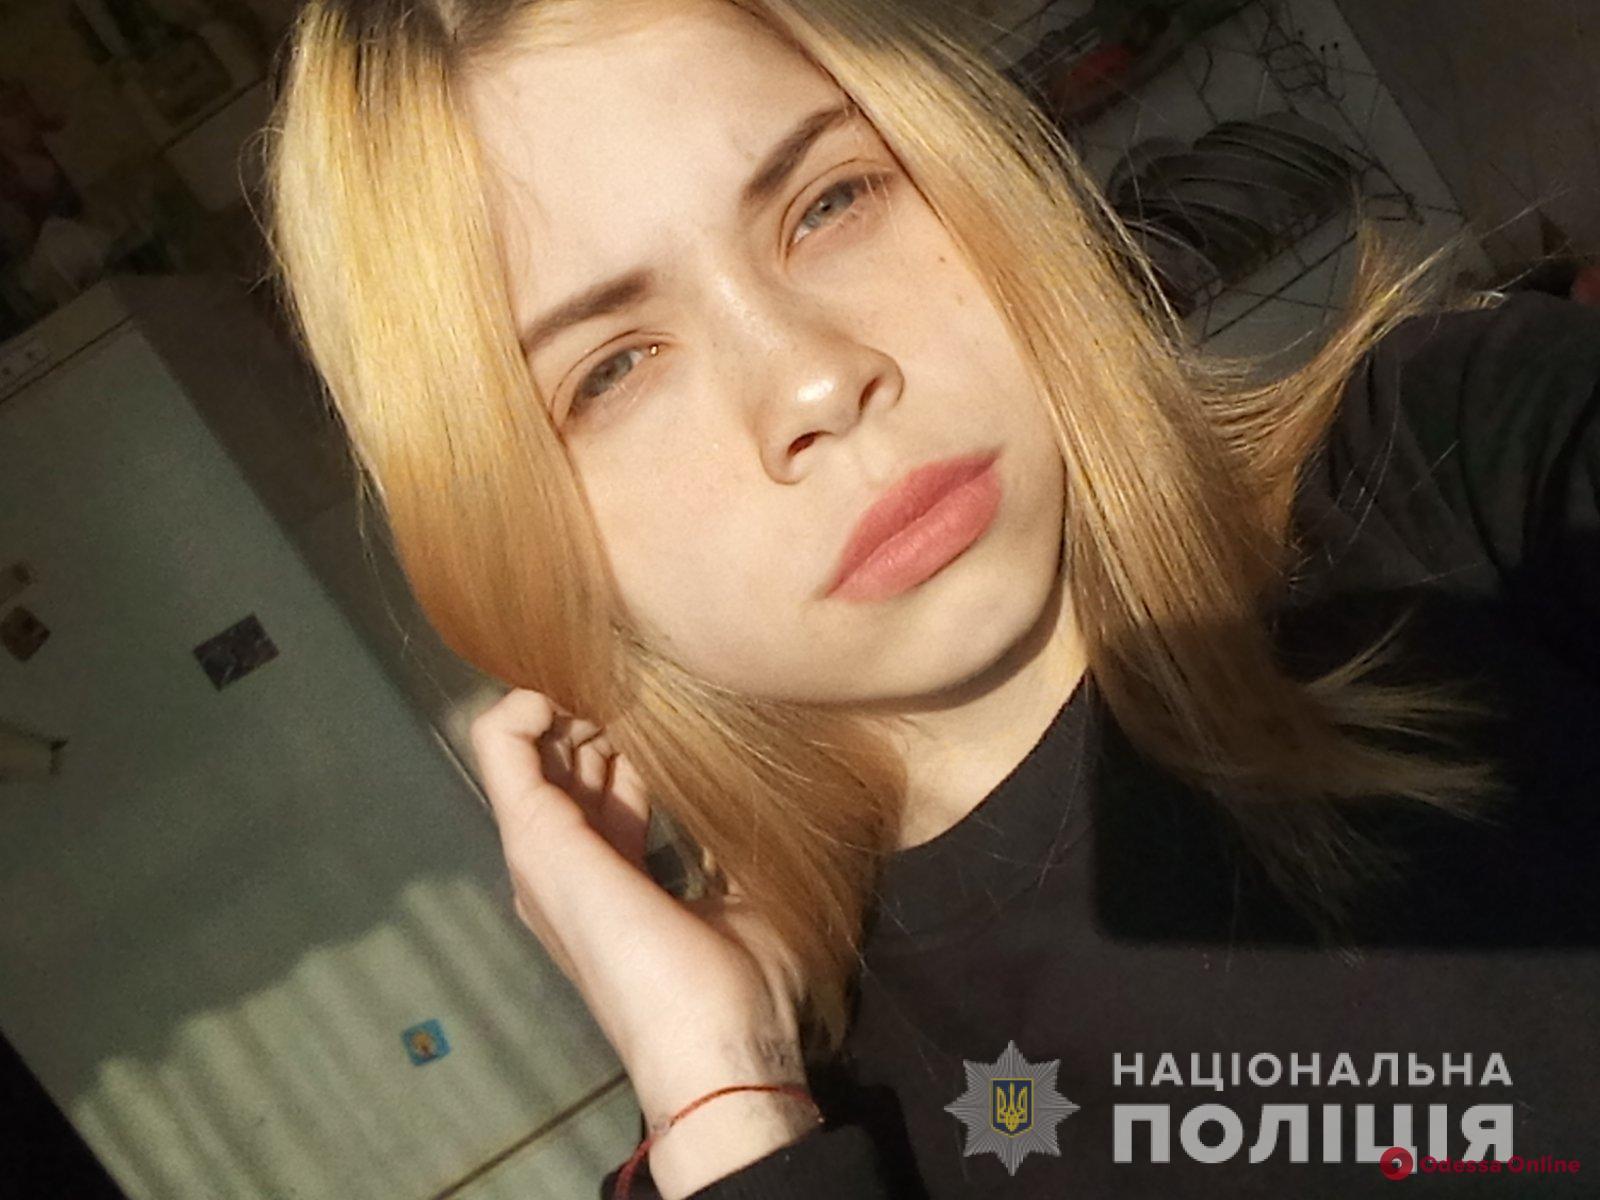 В Одесской области пропала 14-летняя девочка (обновлено)